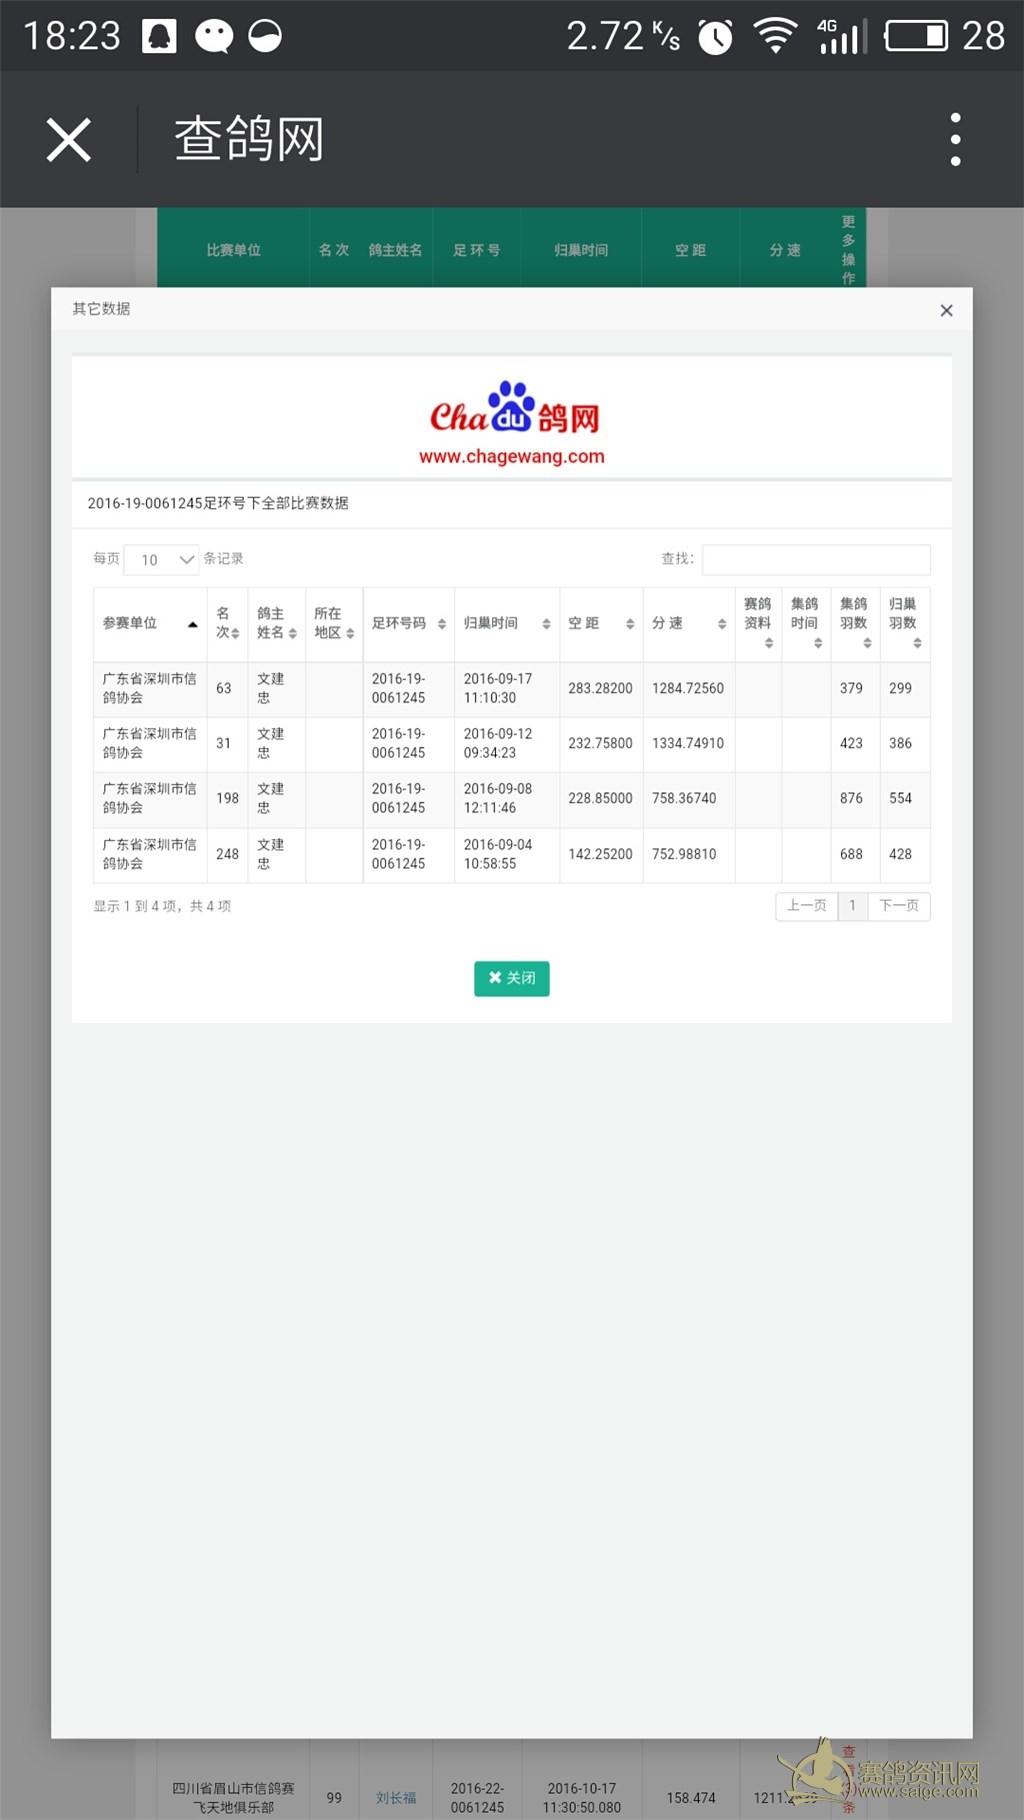 文建忠 深圳/标签:联系电话15813911126郑先生